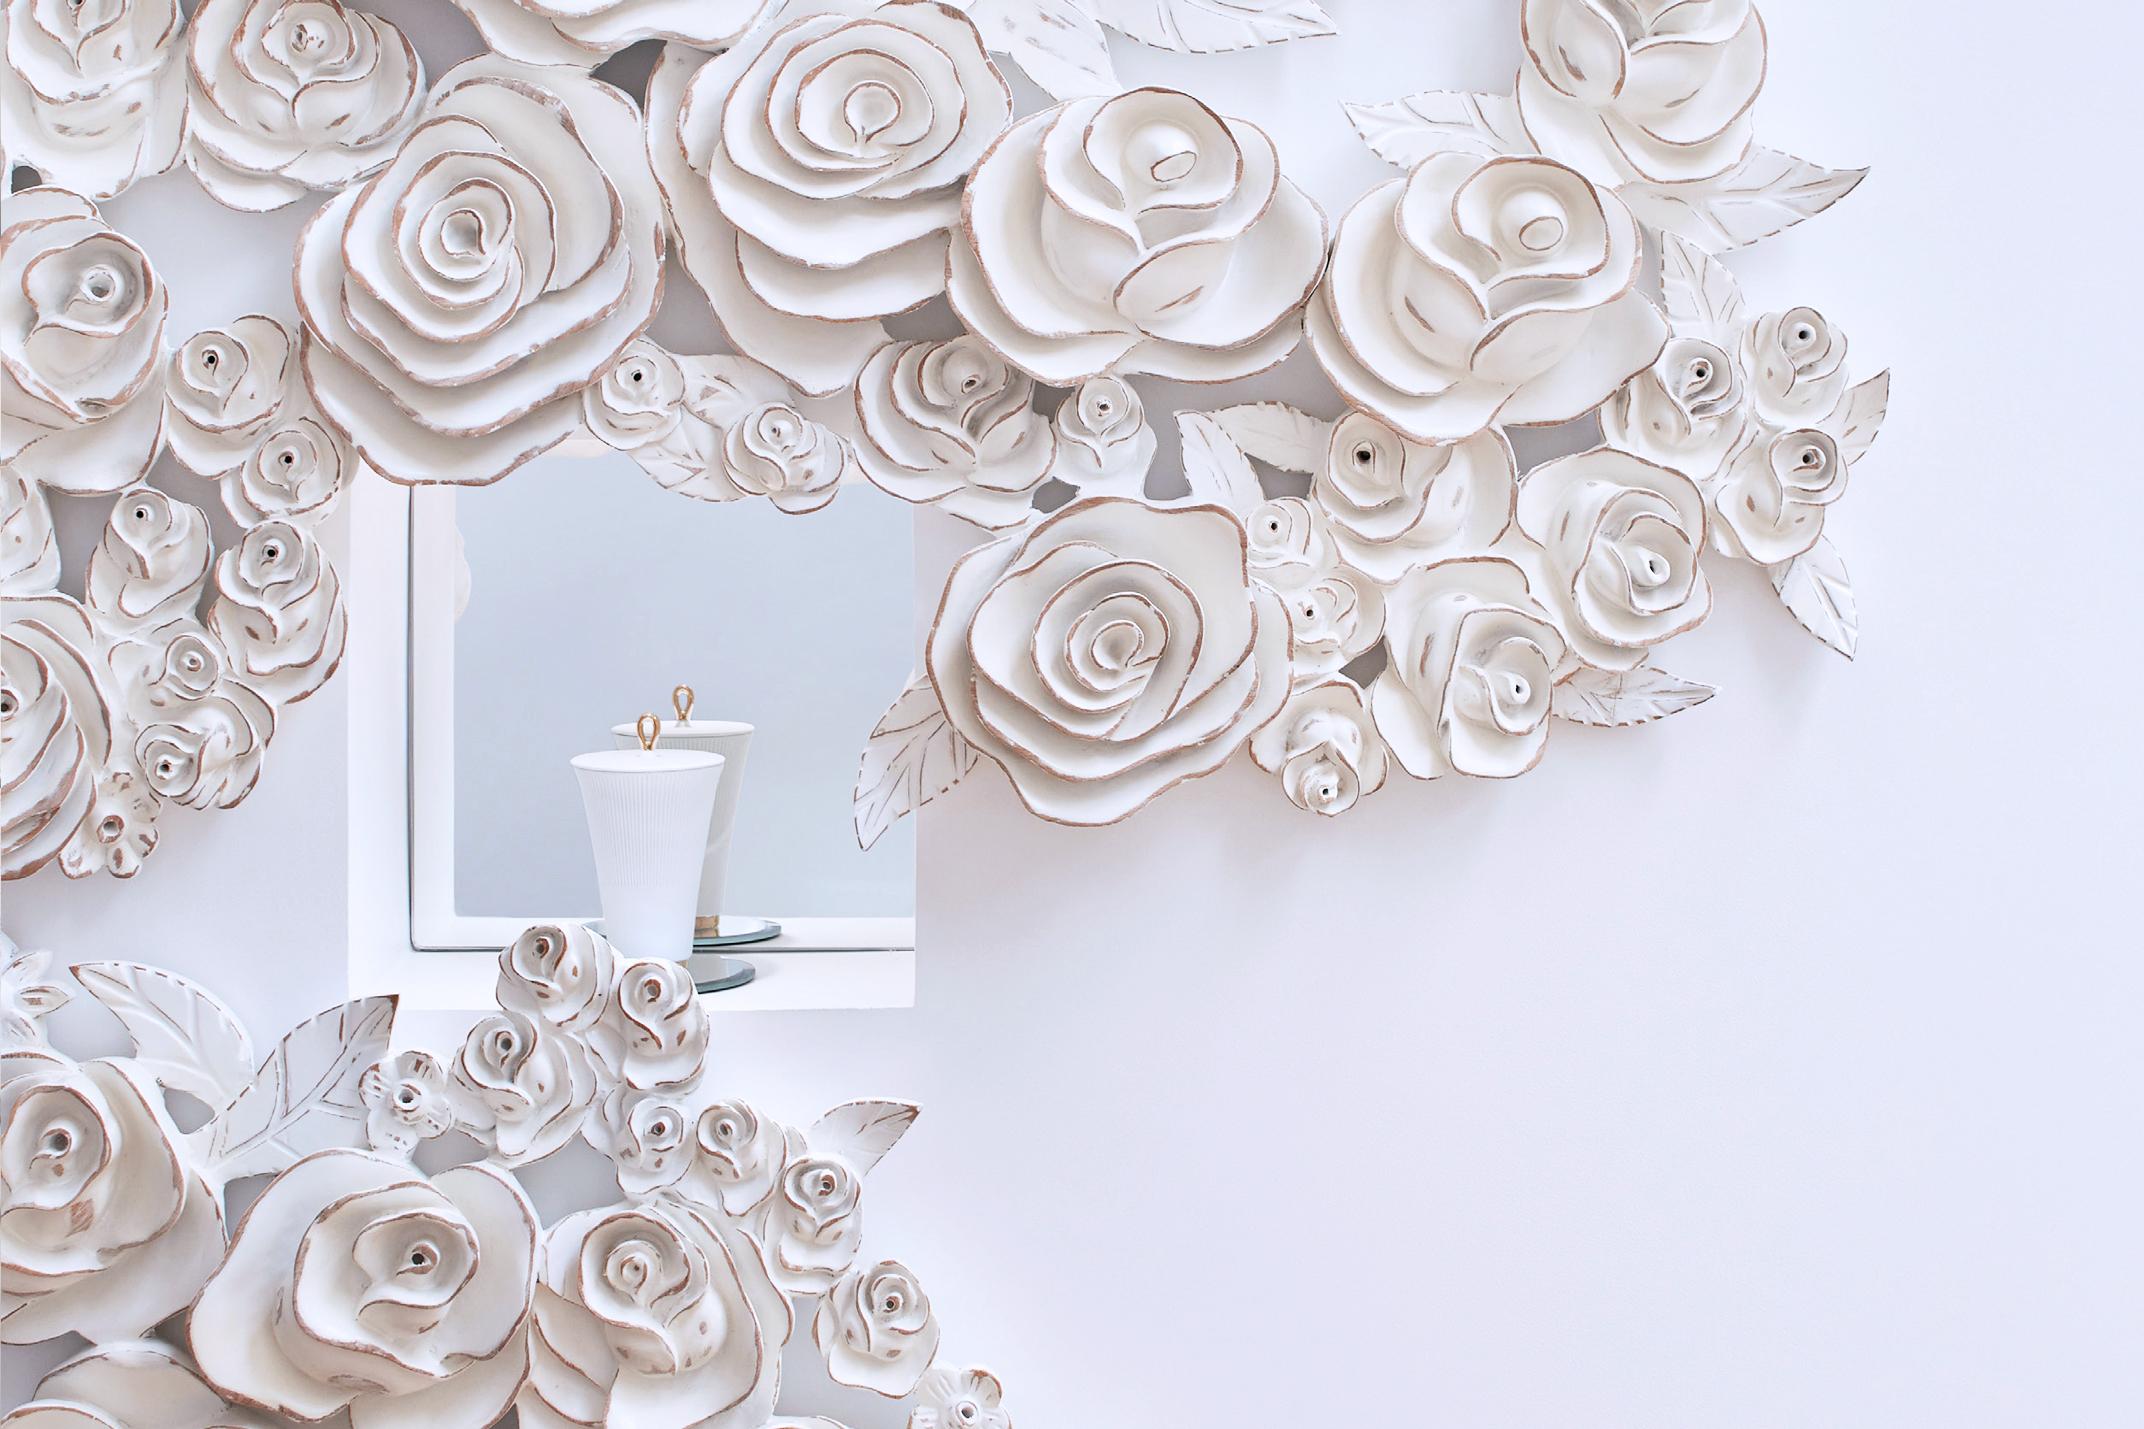 coup de coeur 19 le design olfactif de la maison abriza la d licate parenth se diy d co. Black Bedroom Furniture Sets. Home Design Ideas